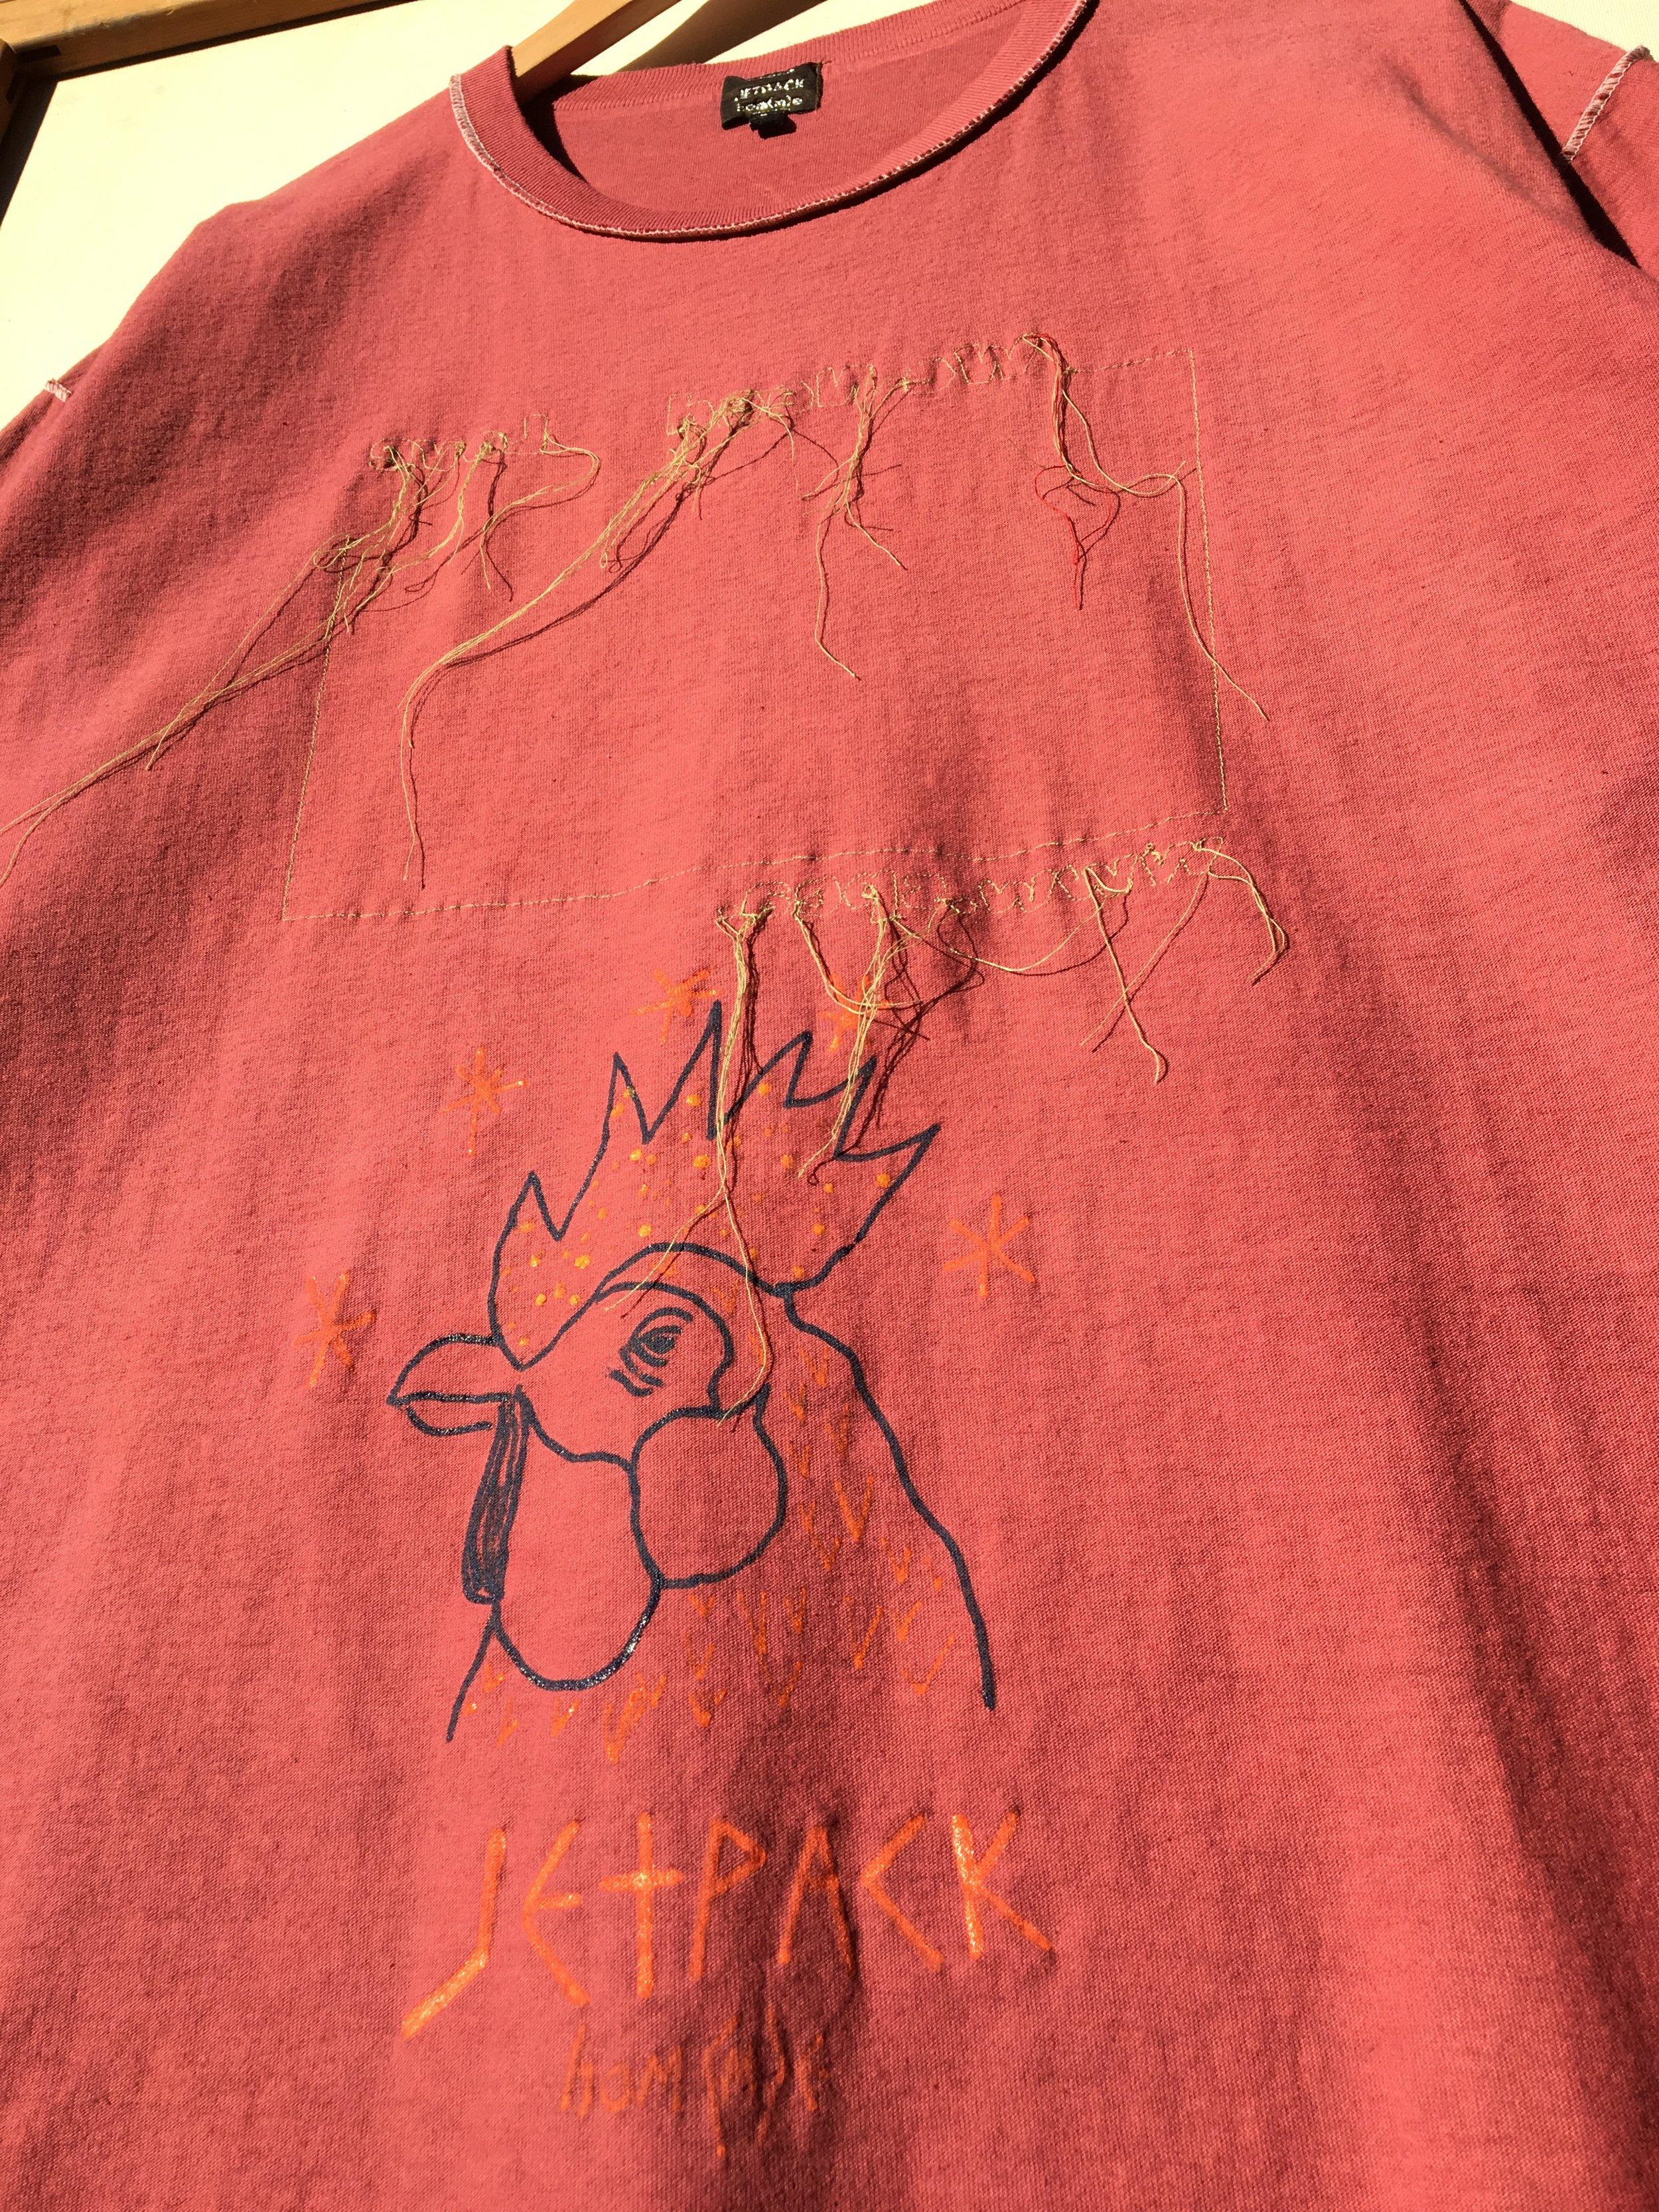 shirt 27_front detail 1.JPG